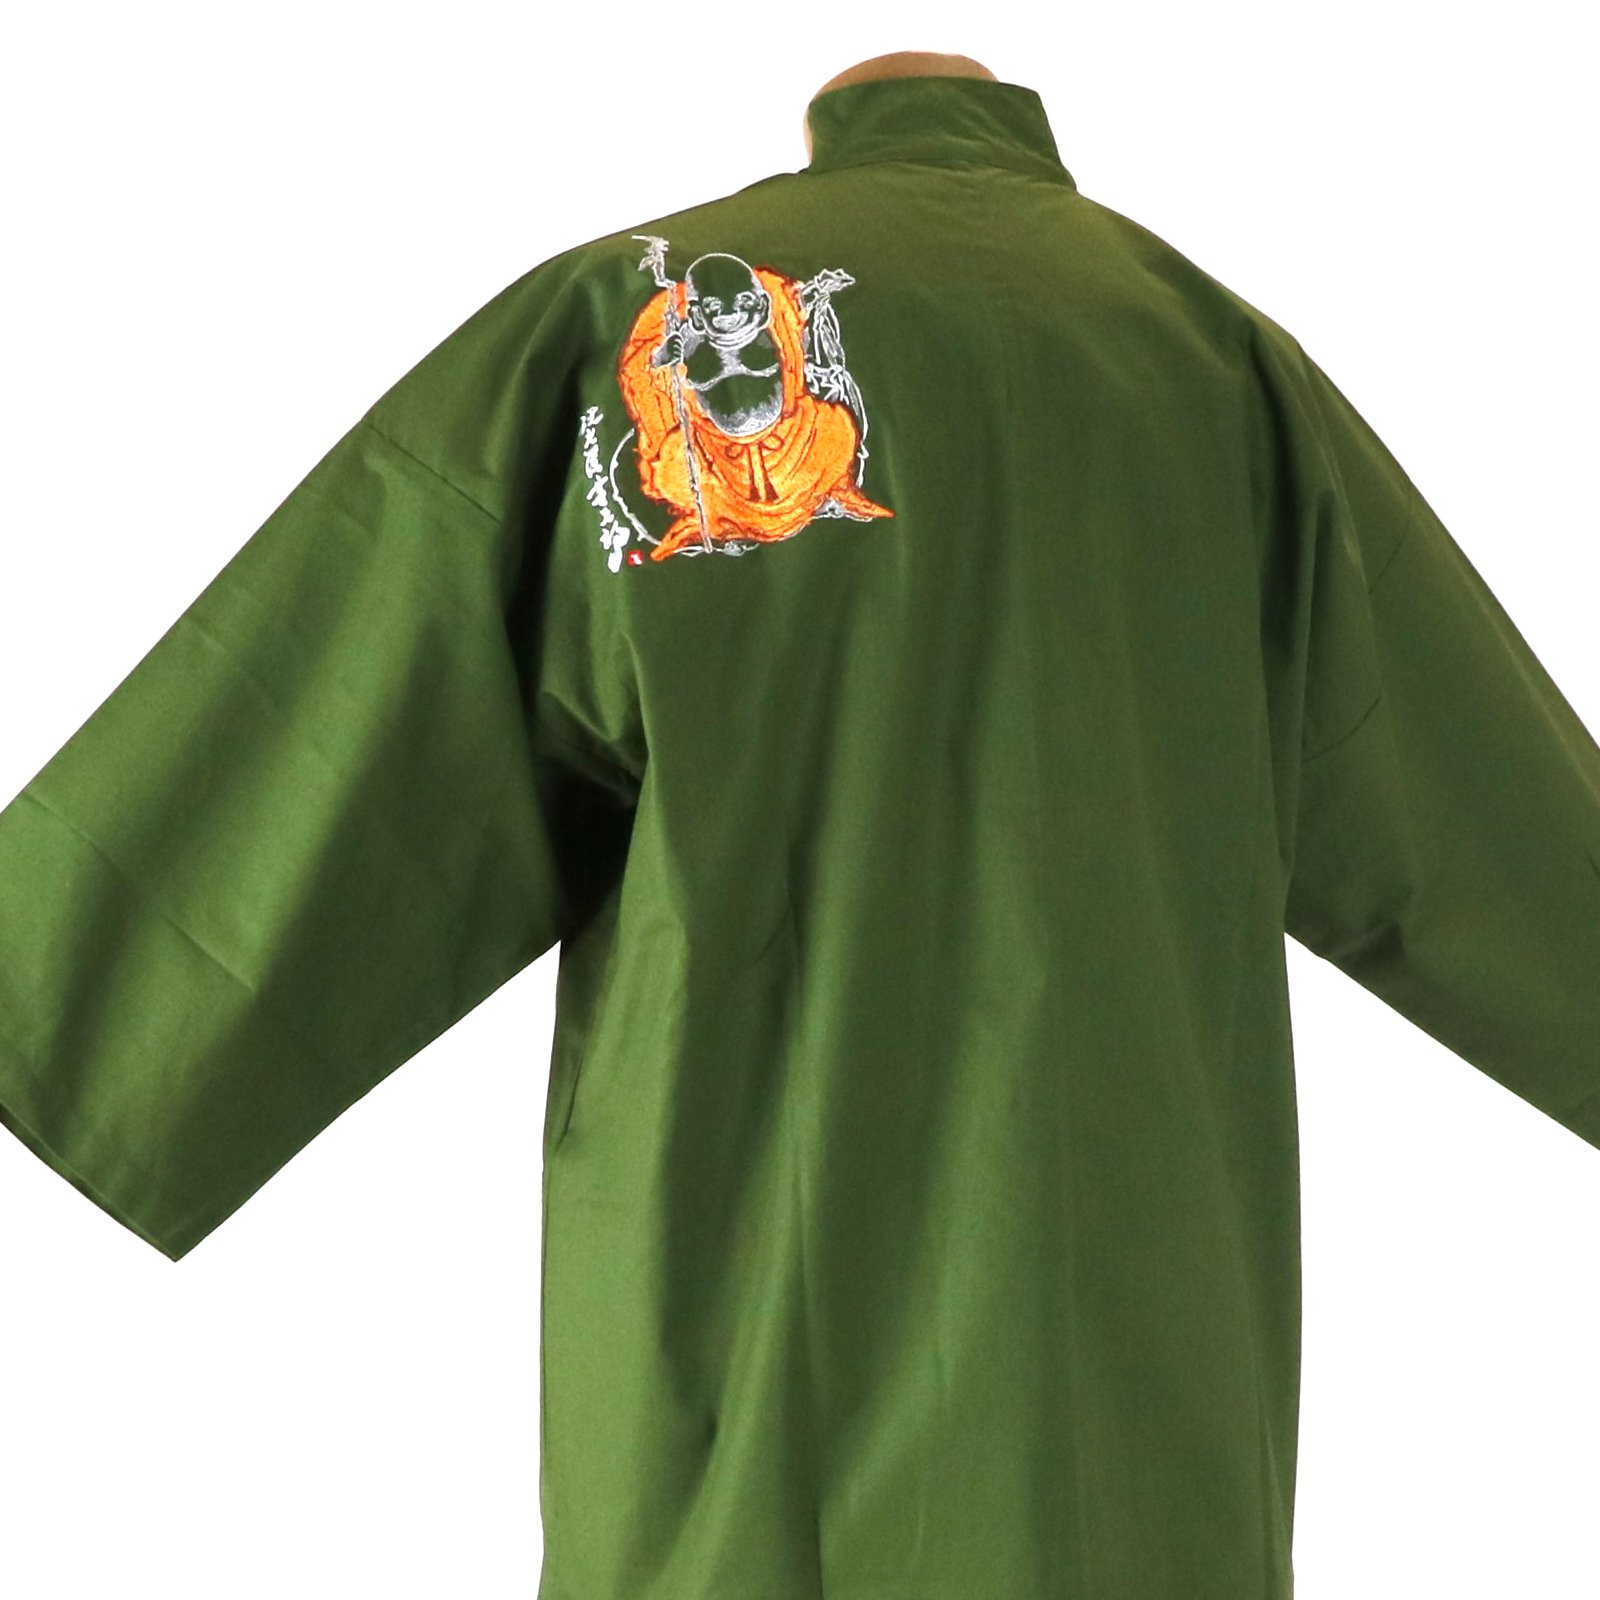 作務衣 布袋様刺繍入り 緑画像